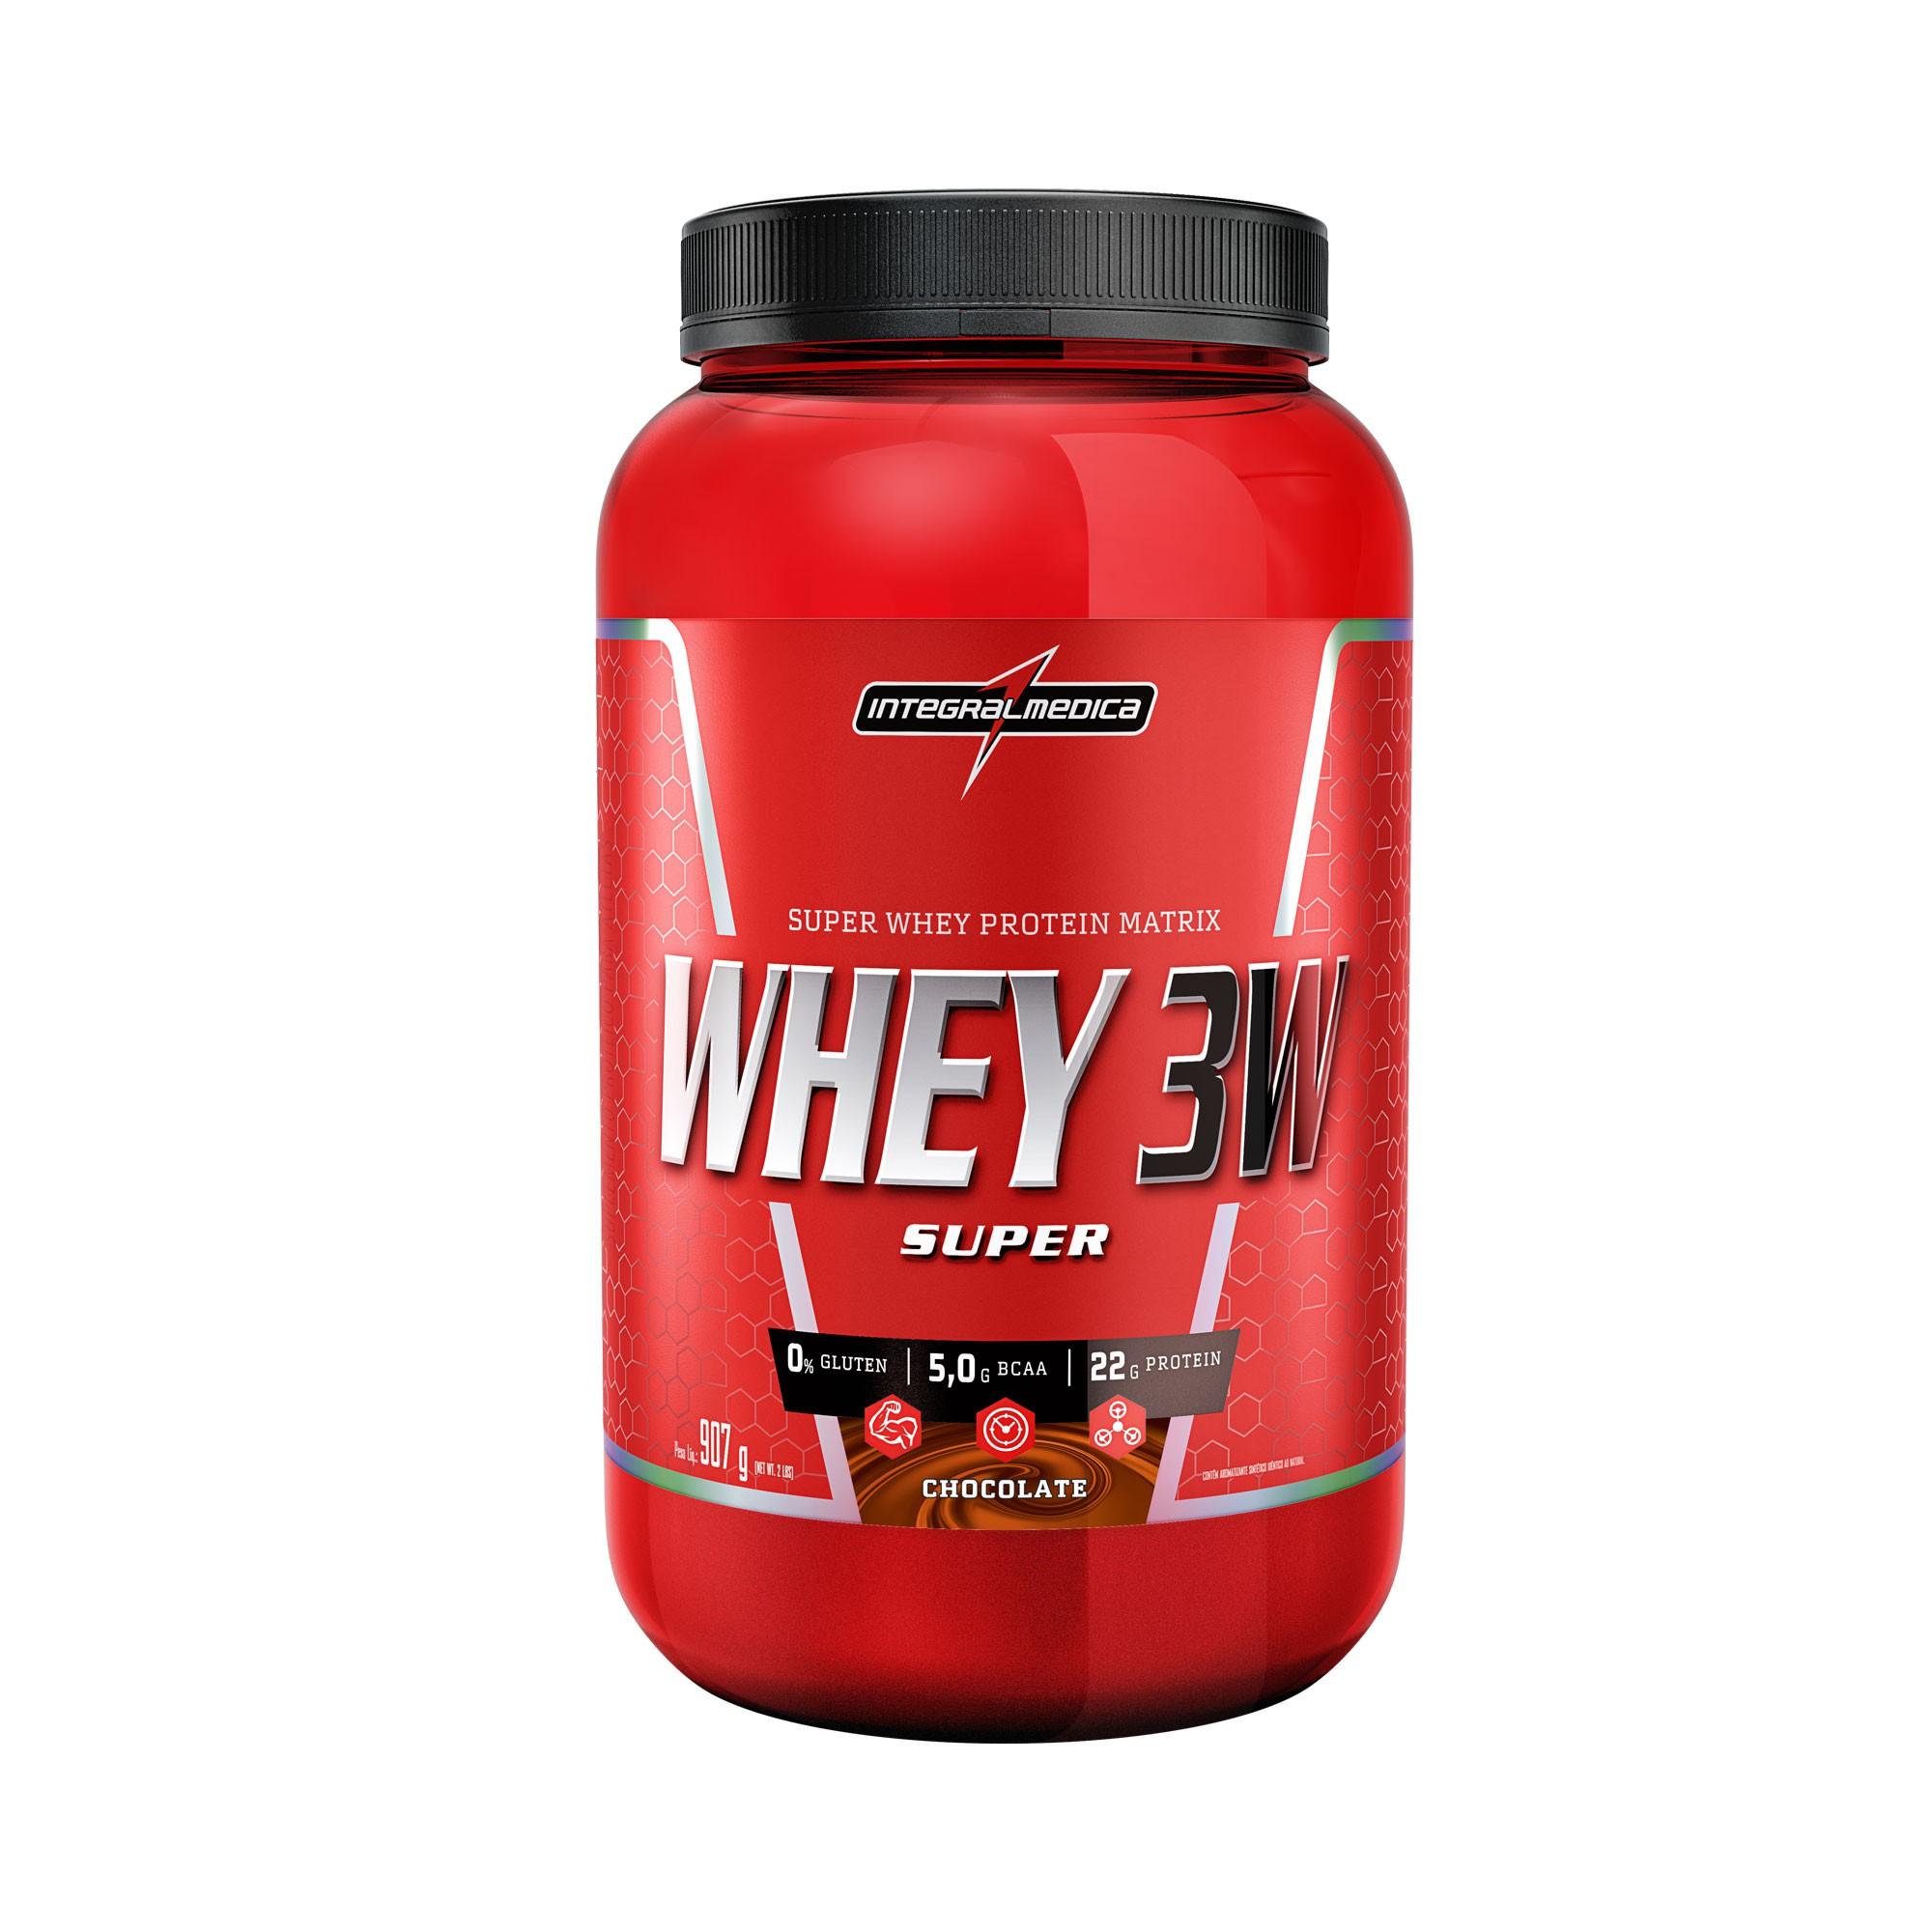 Whey 3W Super Chocolate 907g Integralmedica